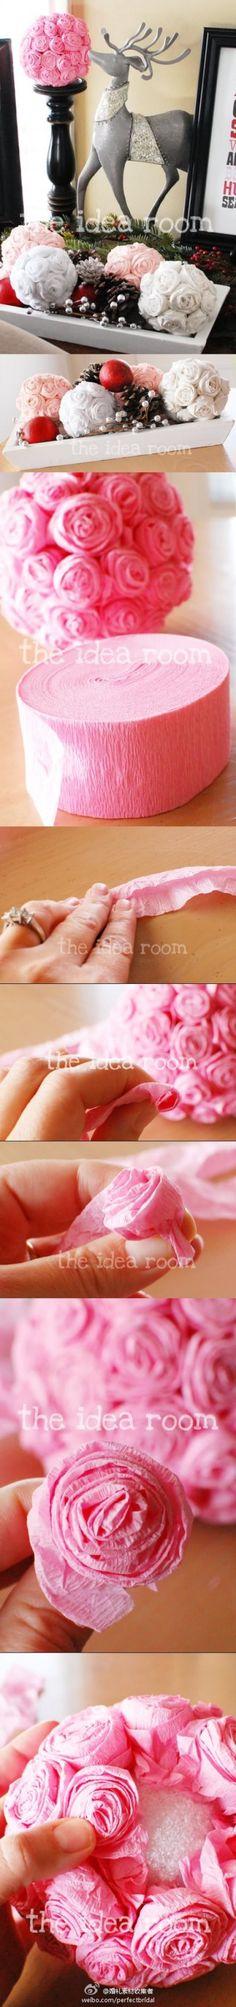 Crepe paper roses.